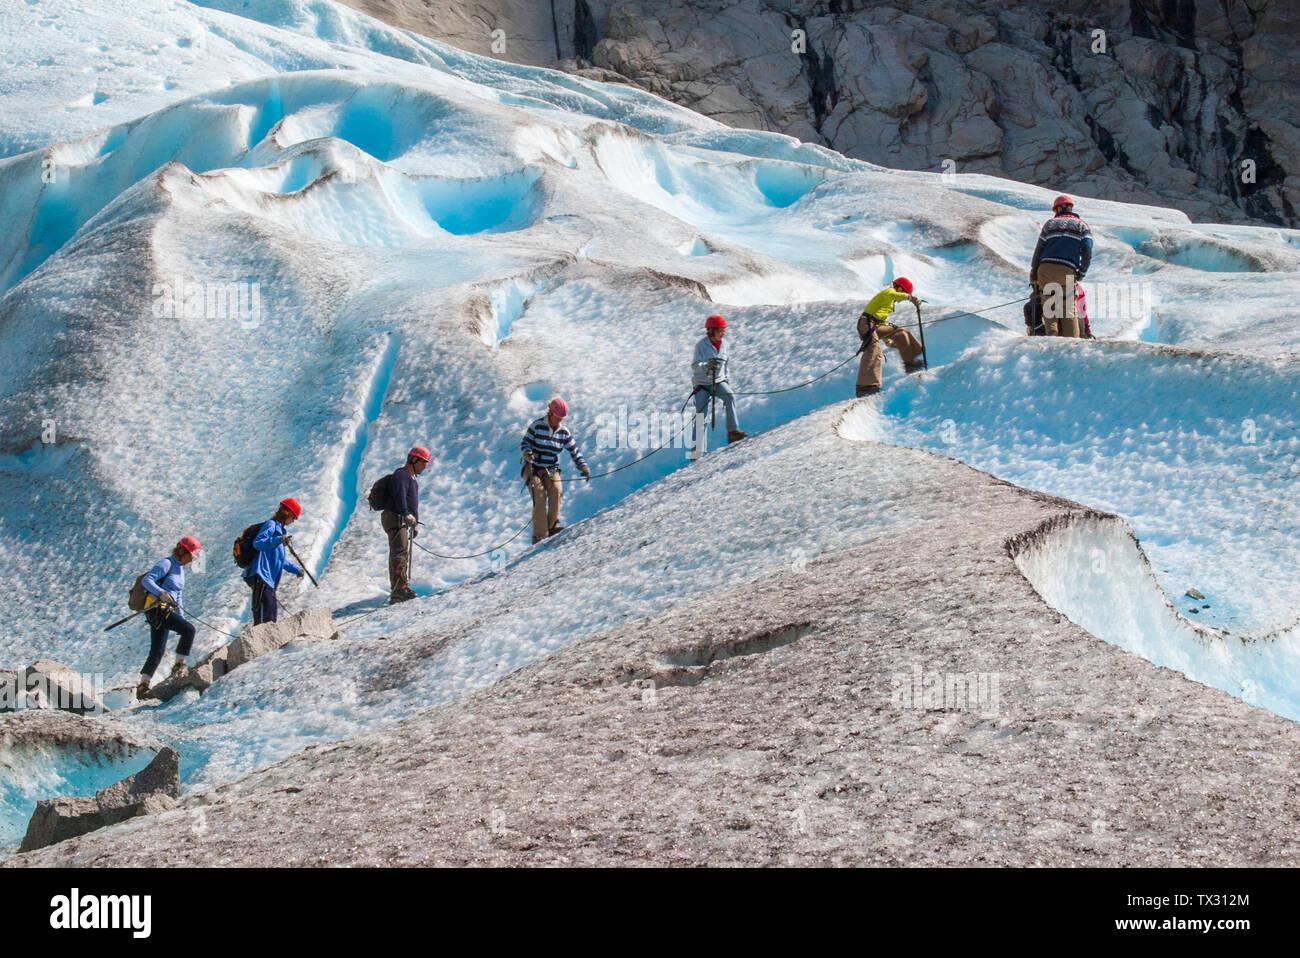 Los turistas caminando sobre un glaciar excursión guiada en el glaciar Briksdal en Noruega Foto de stock